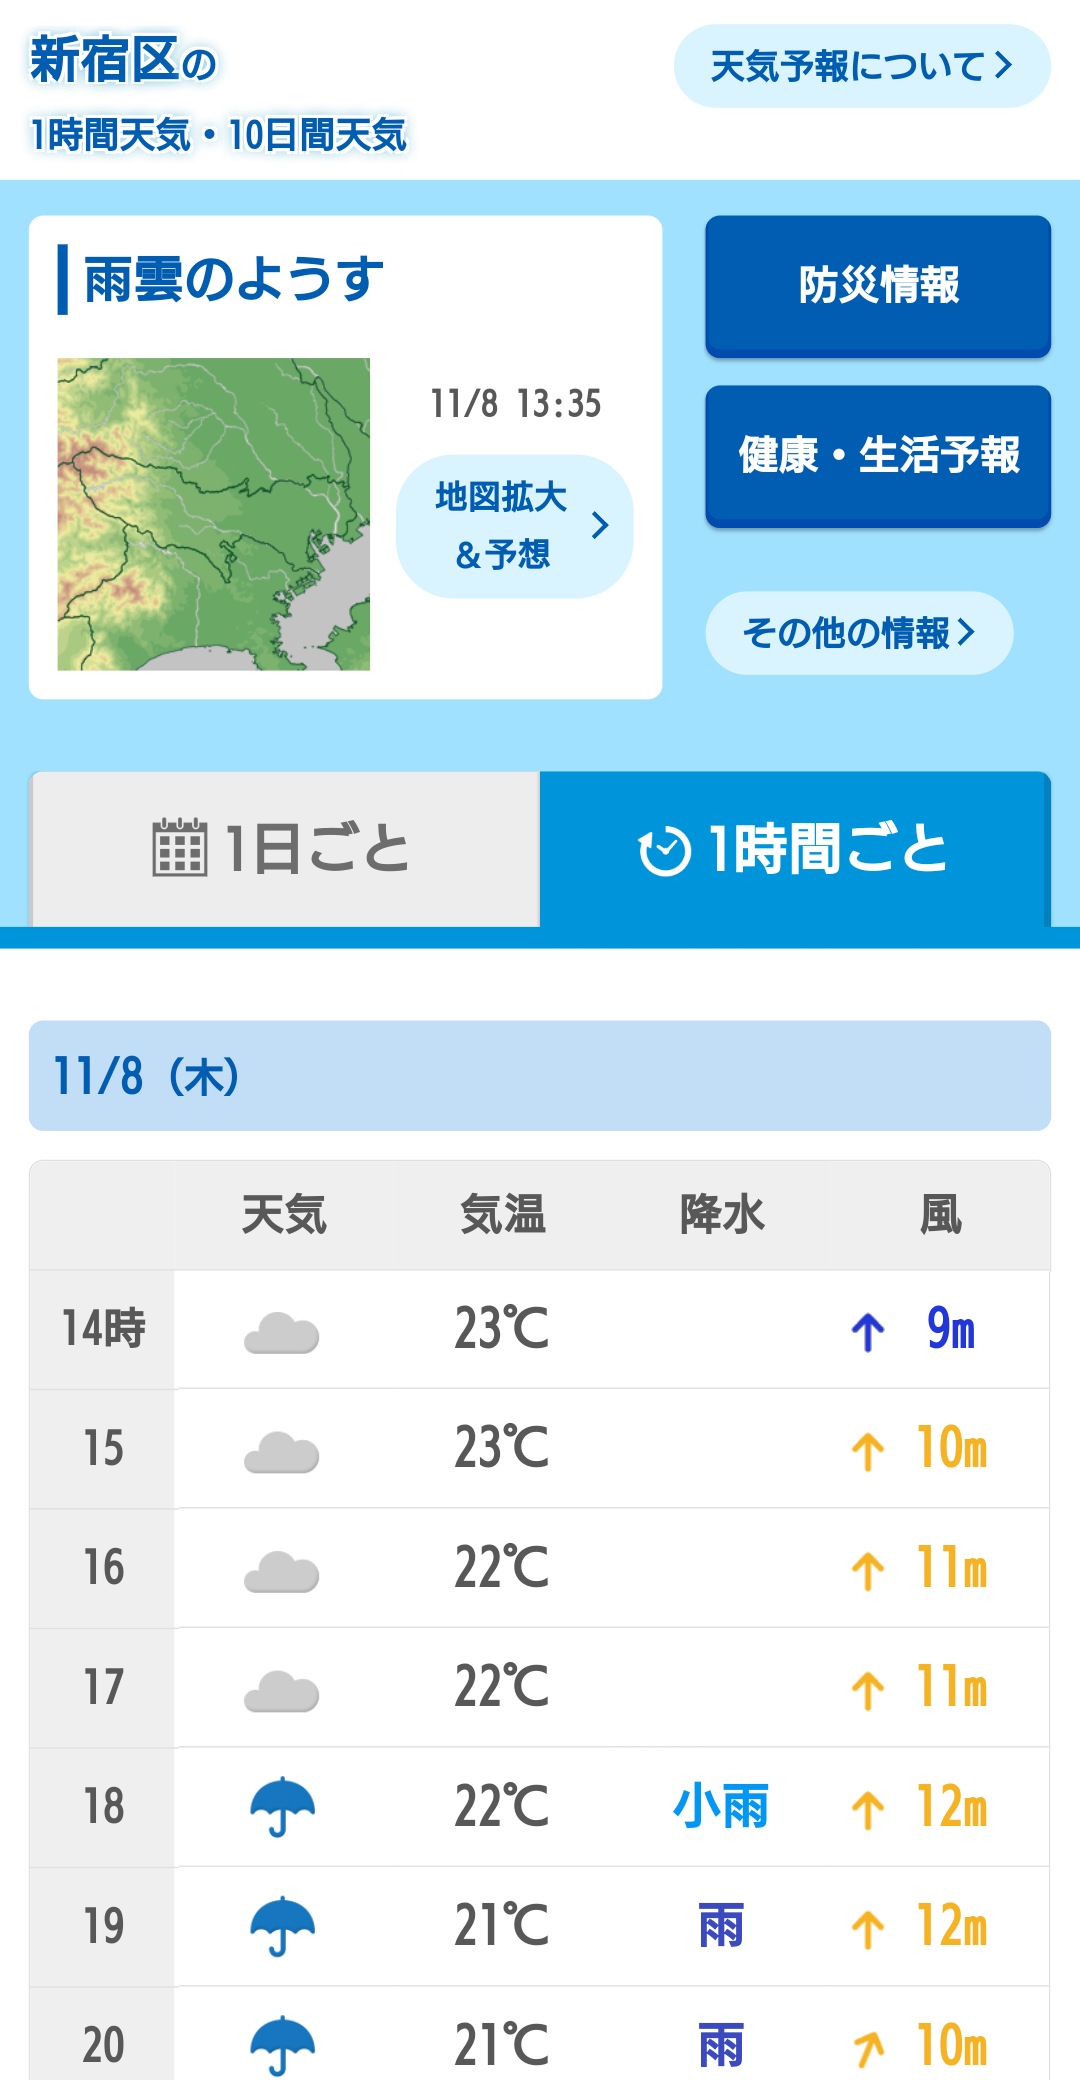 全国ポイント天気